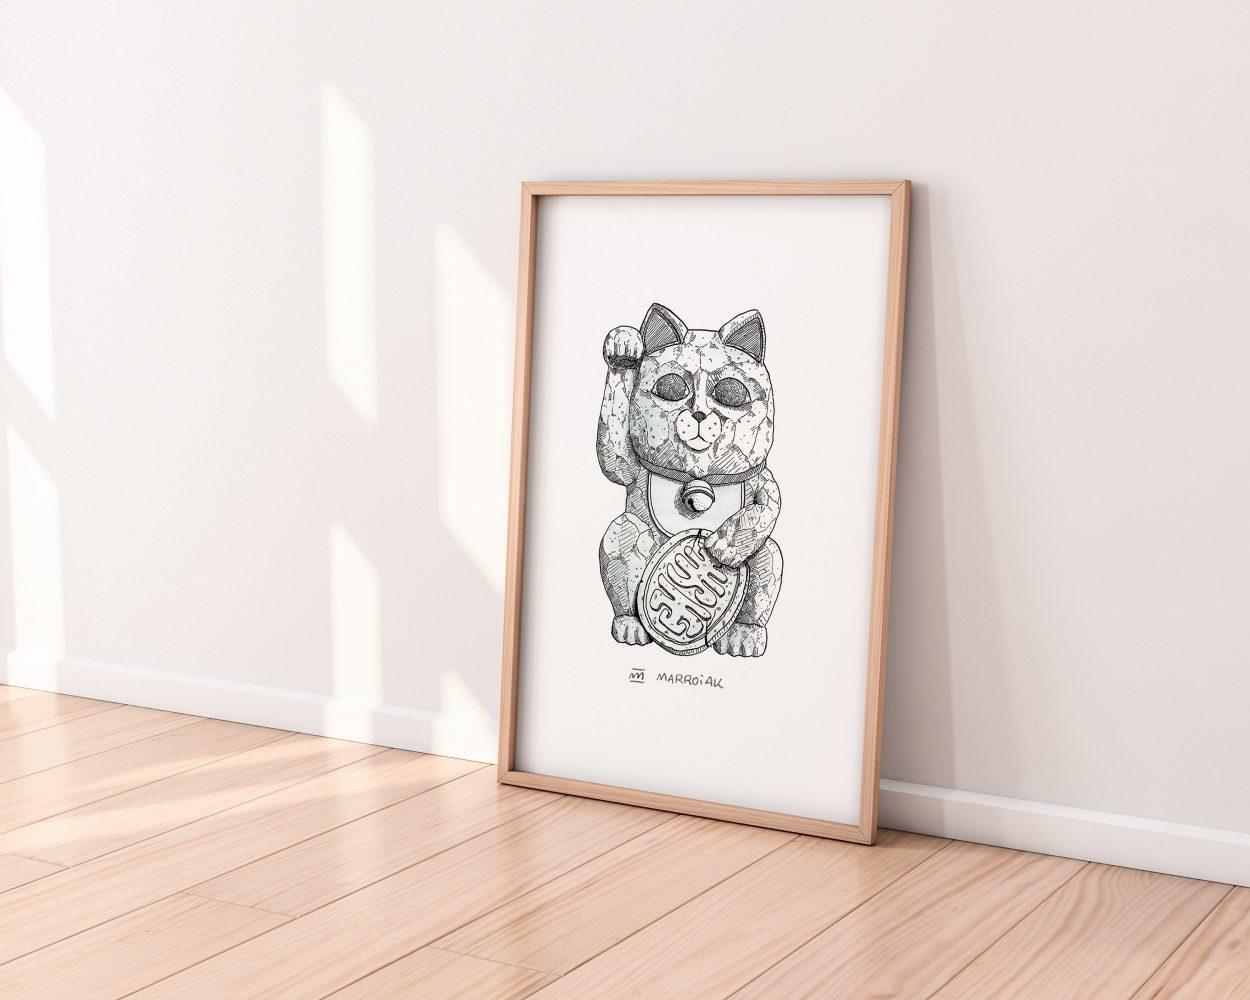 Lámina con un dibujo de una escultura del gato de la suerte japonés. Ilustración sobre papel. Arte nipón.